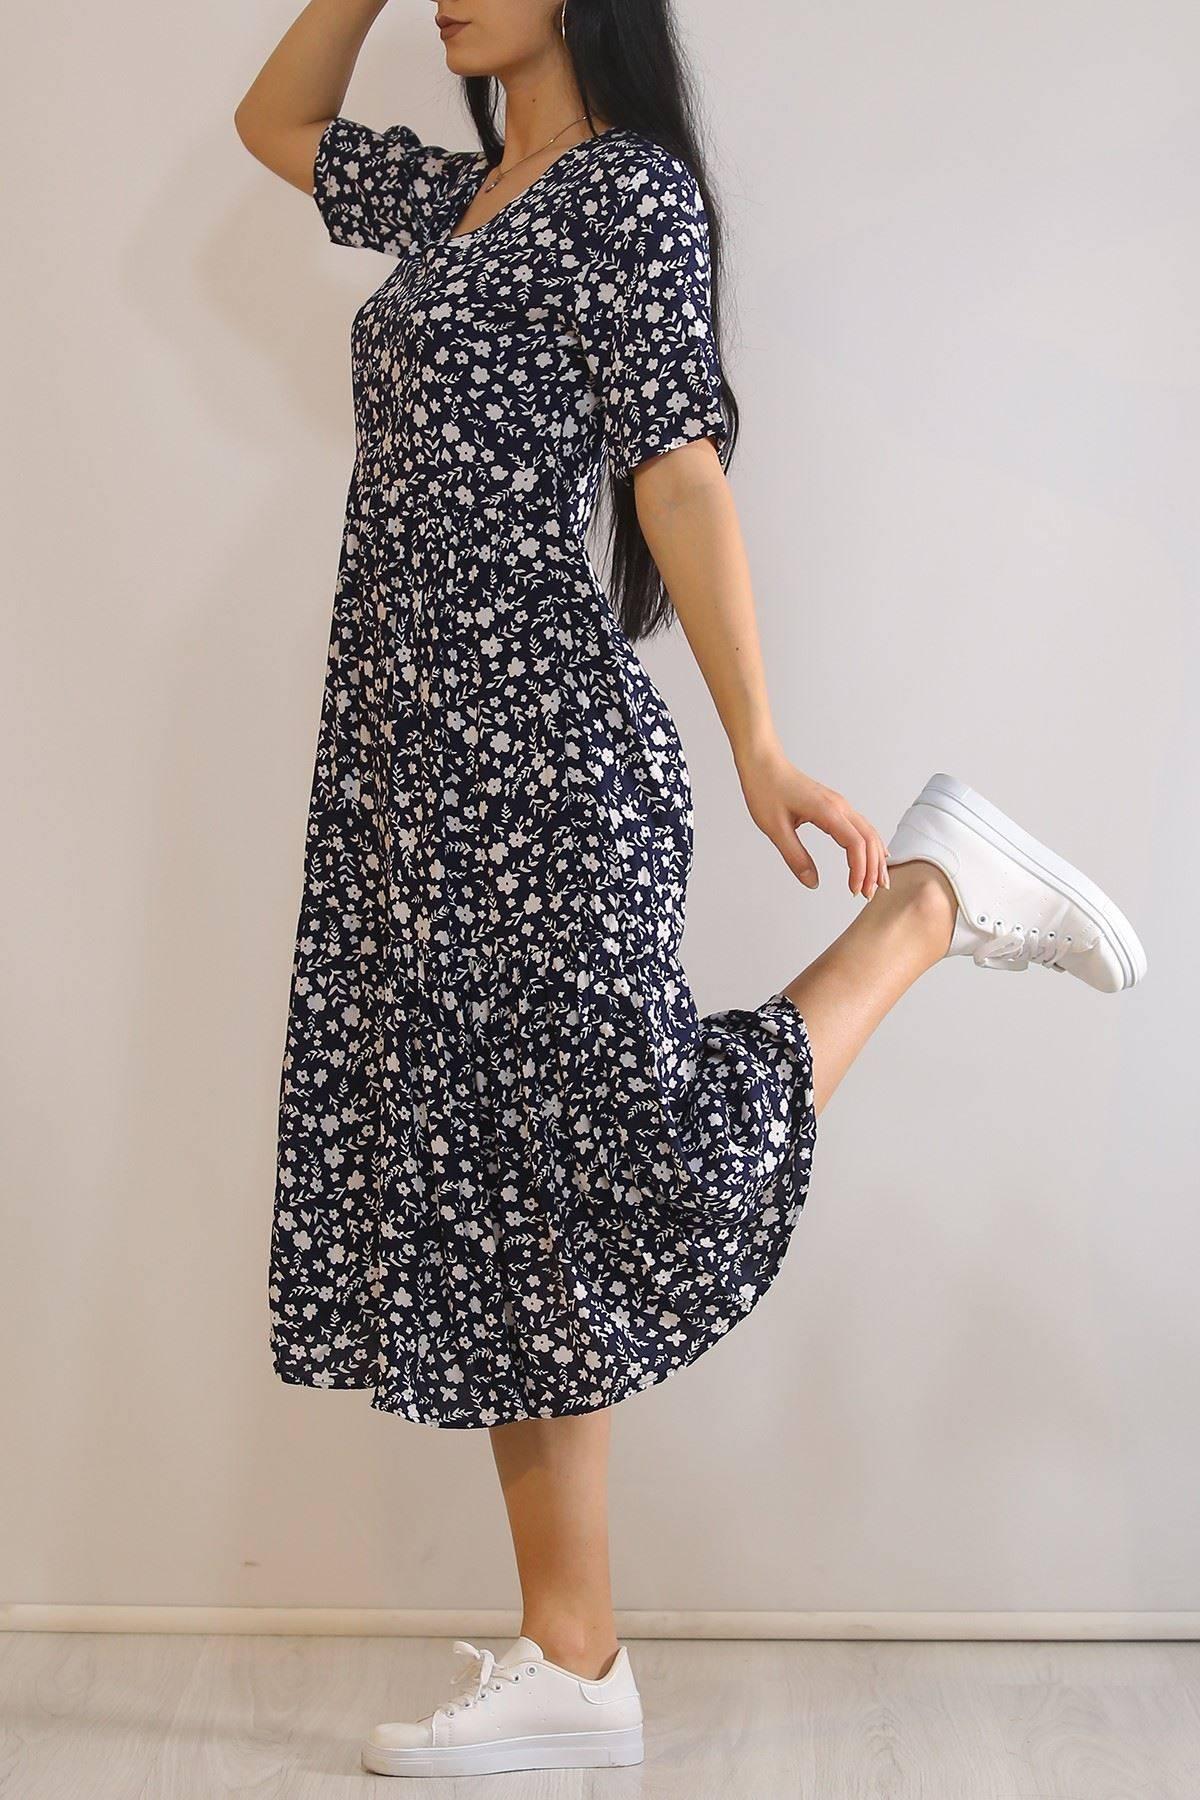 Dokuma Elbise Beyazlaci - 5990.701.